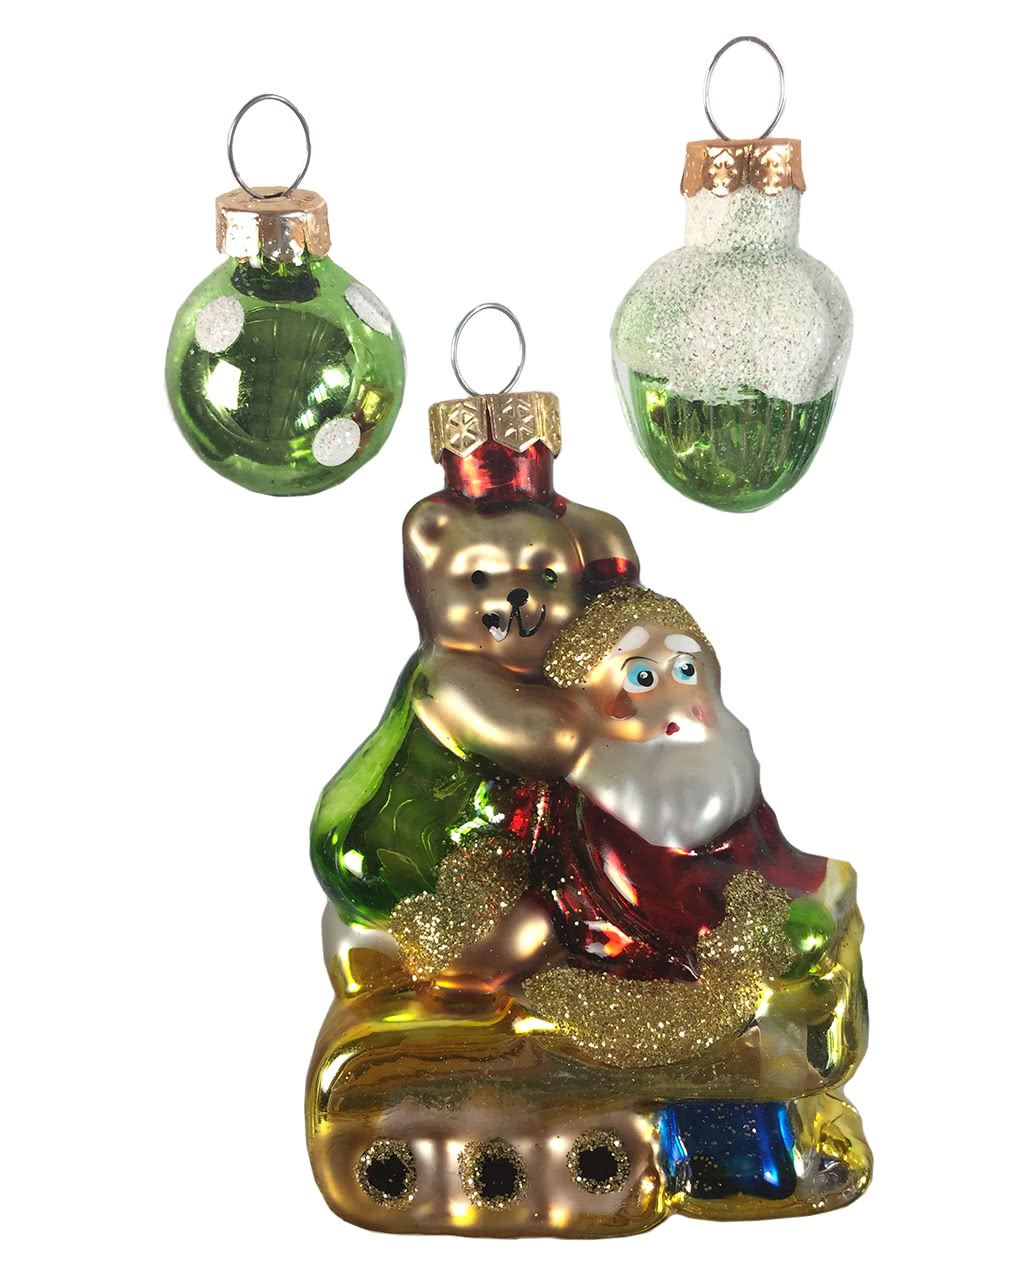 Christbaum Schmuck 3-tlg. für Weihnachtsbäume | Horror-Shop.com